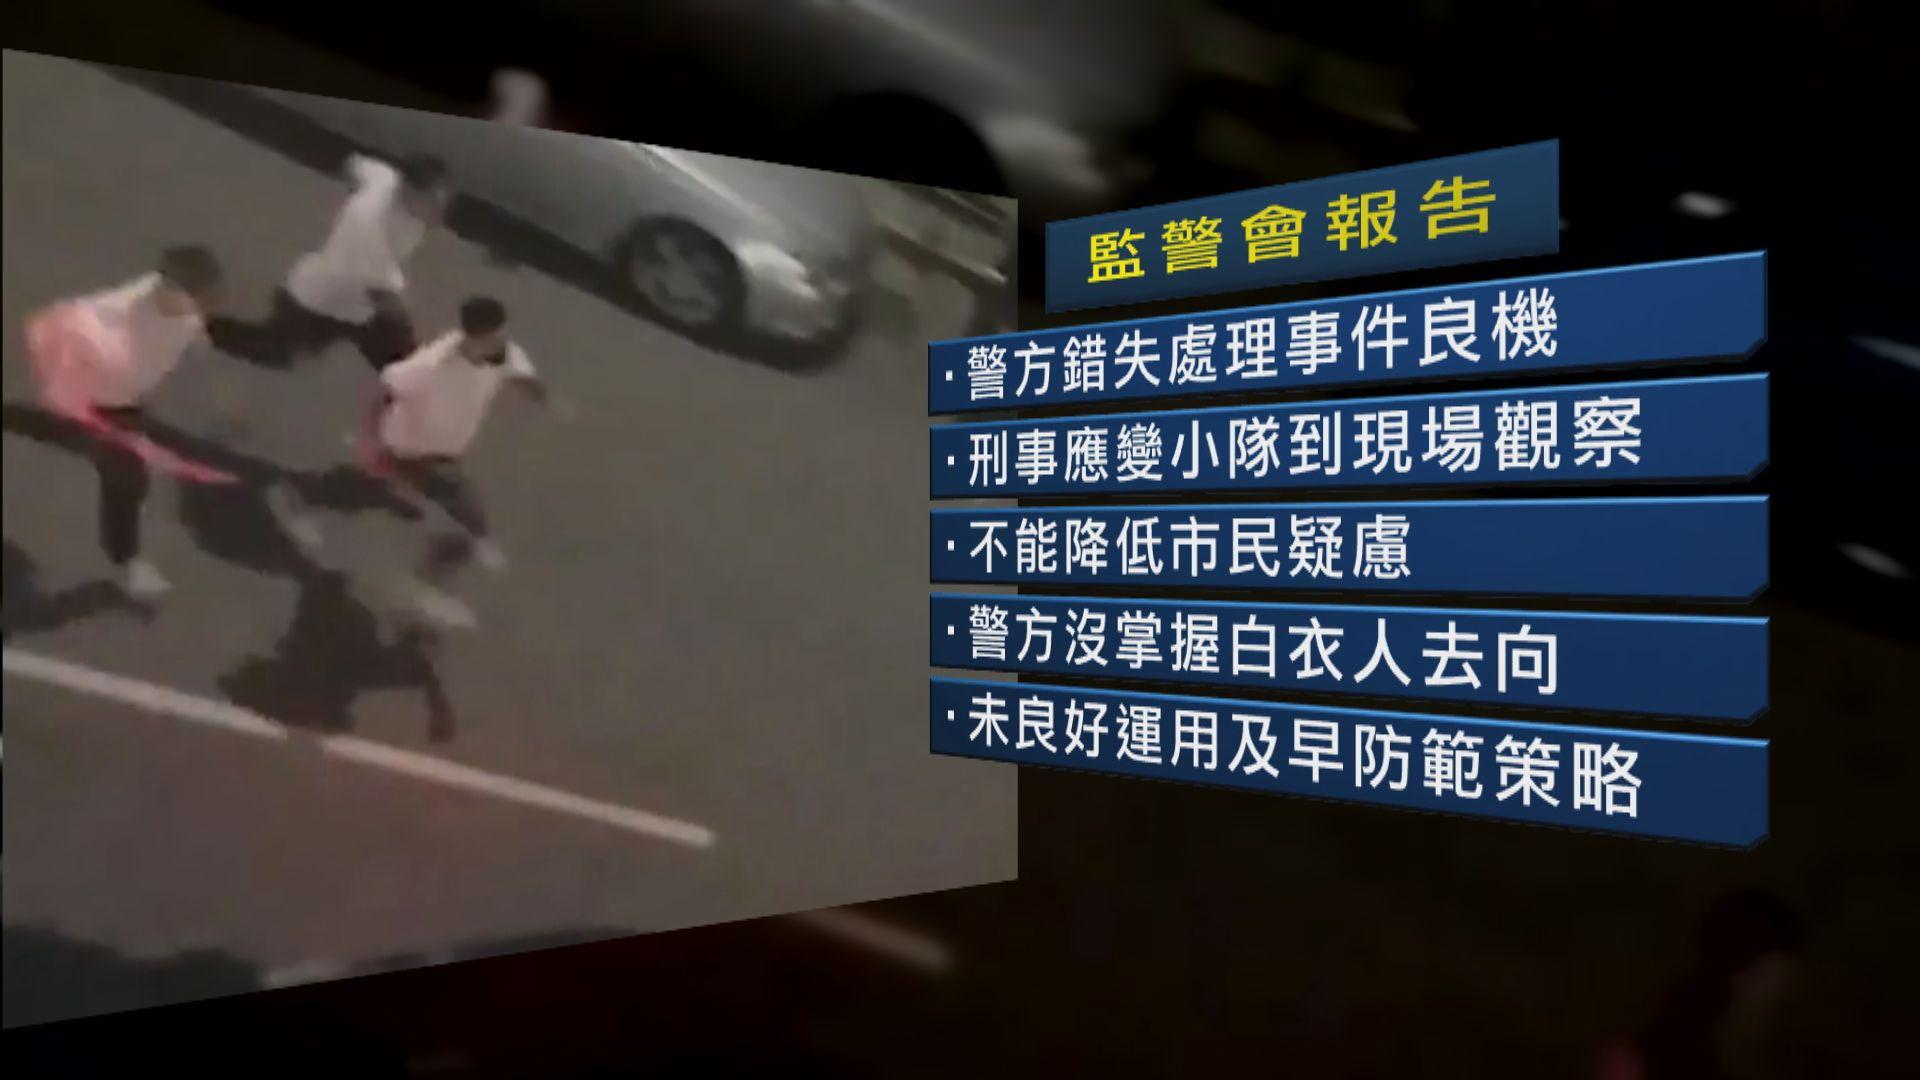 【監警會報告】721元朗事件警方錯失及早介入事件良機、警司與白衣人交談非雙方勾結